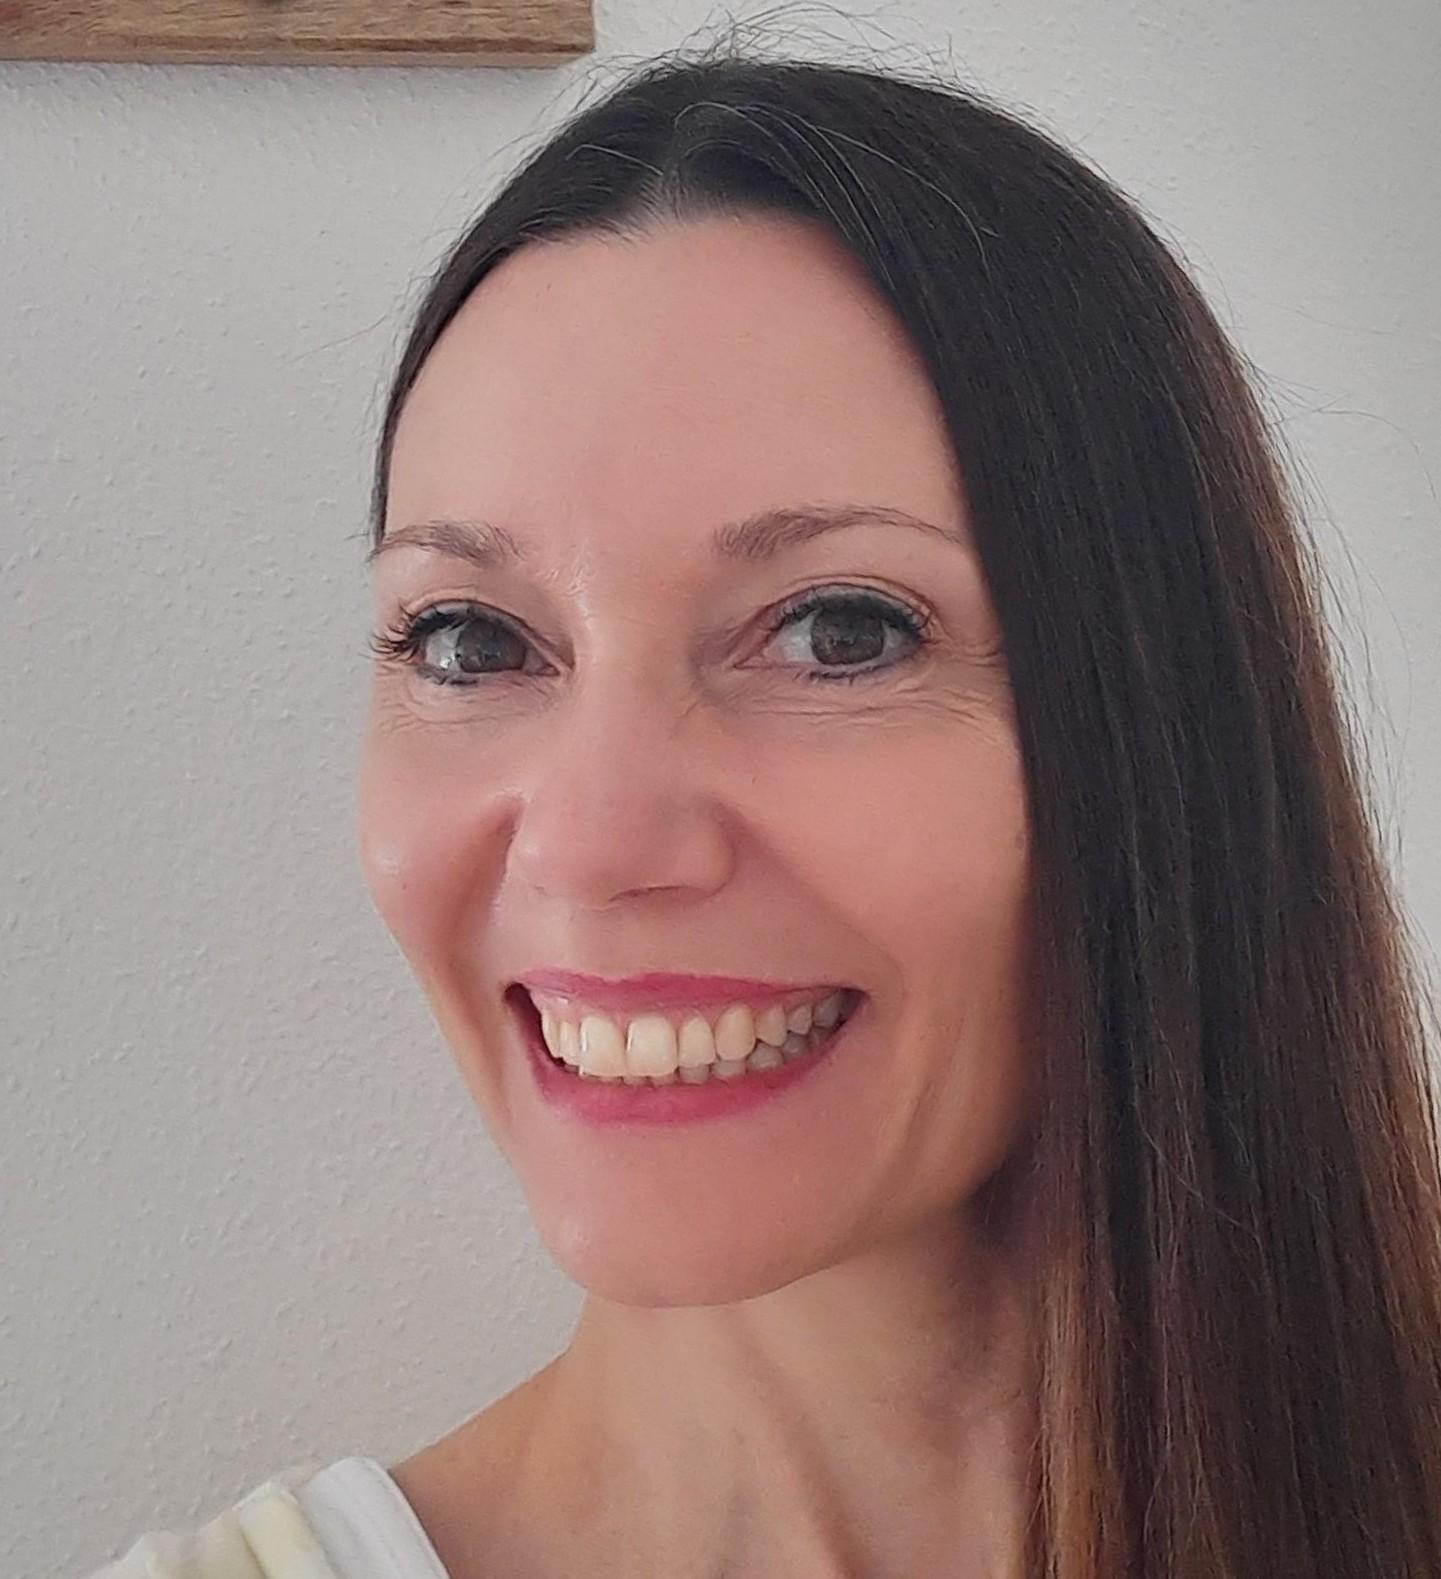 Kerstin Schaffenrath